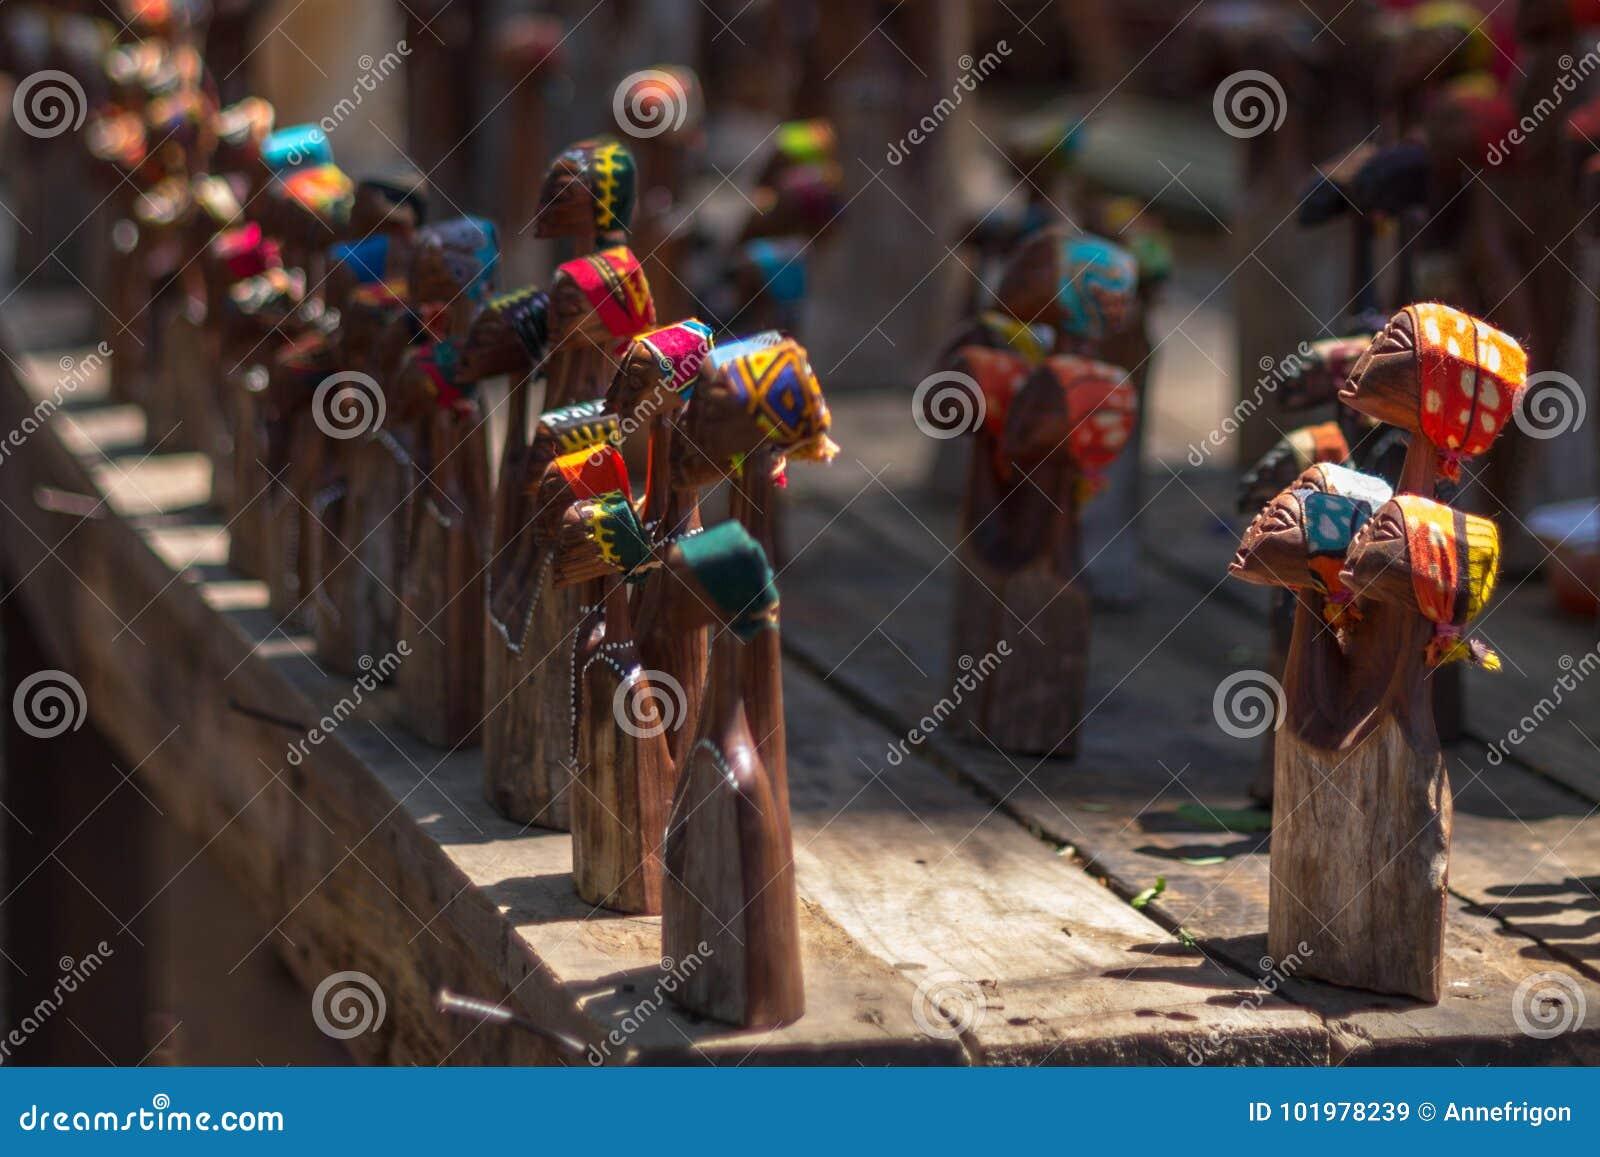 Estatuetas de madeira no mercado do ofício em Suazilândia